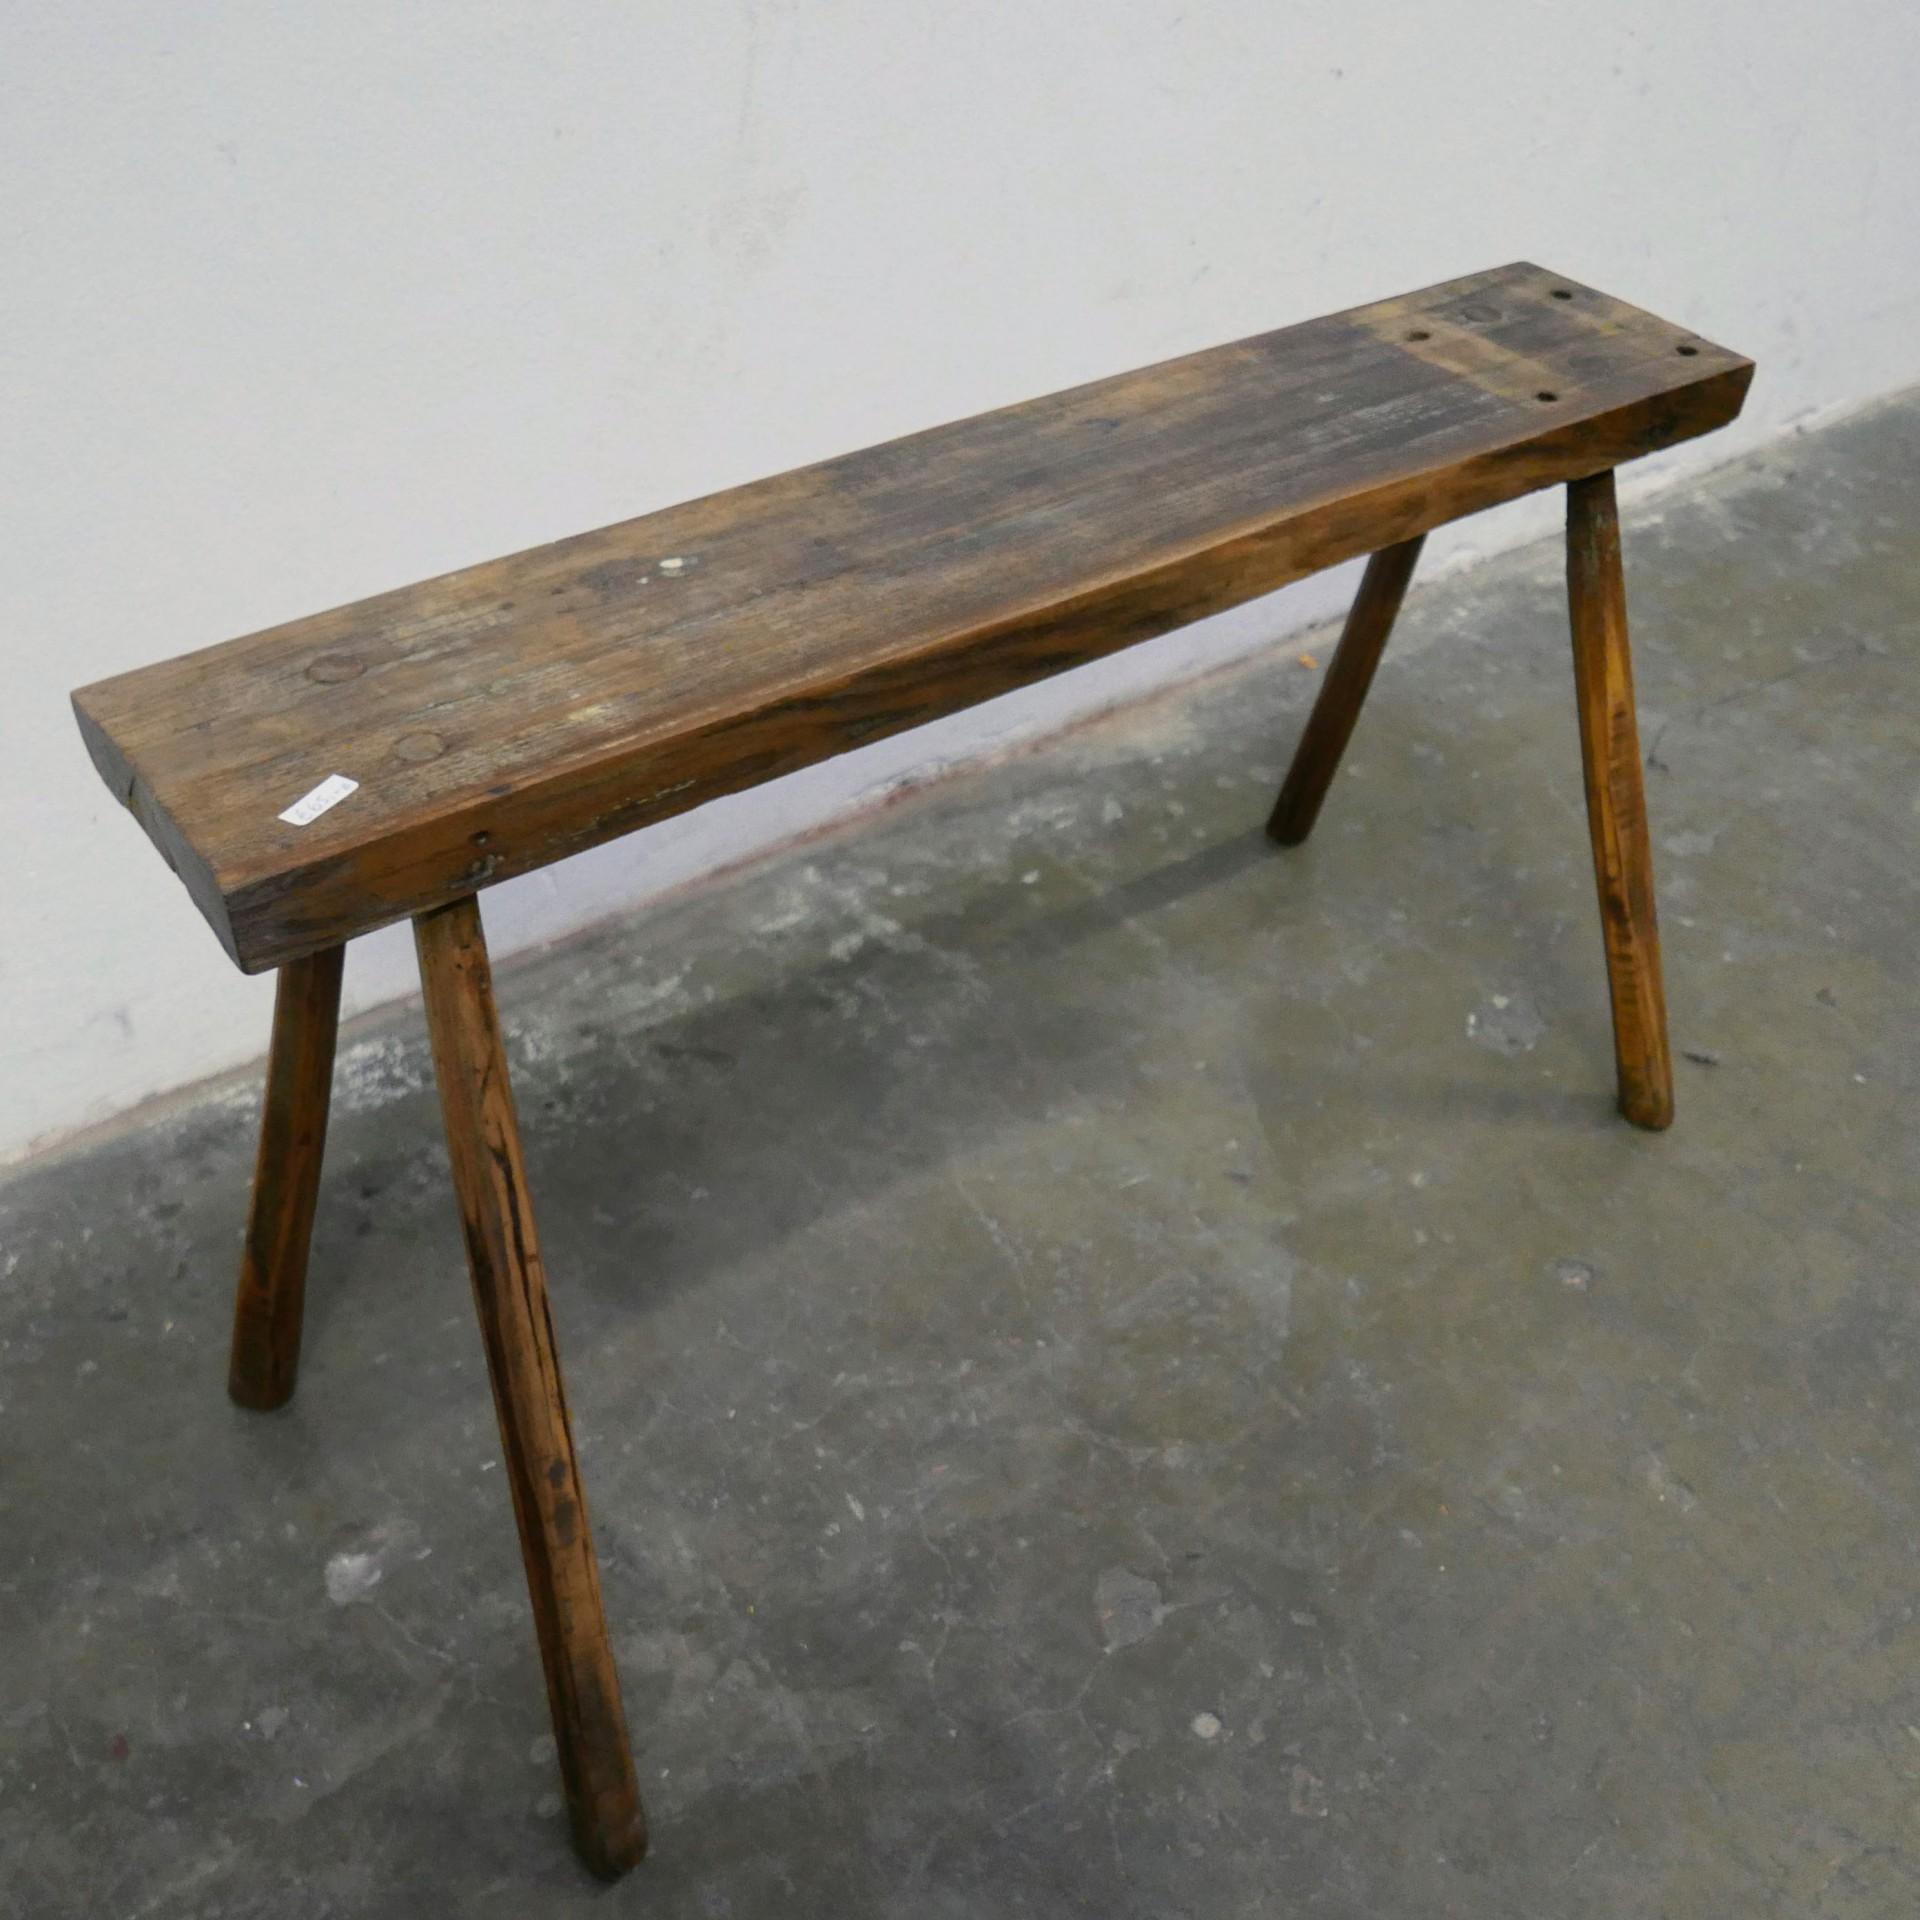 Wonderbaarlijk Houten smalle tafel » Van Dijk & Ko ZC-81